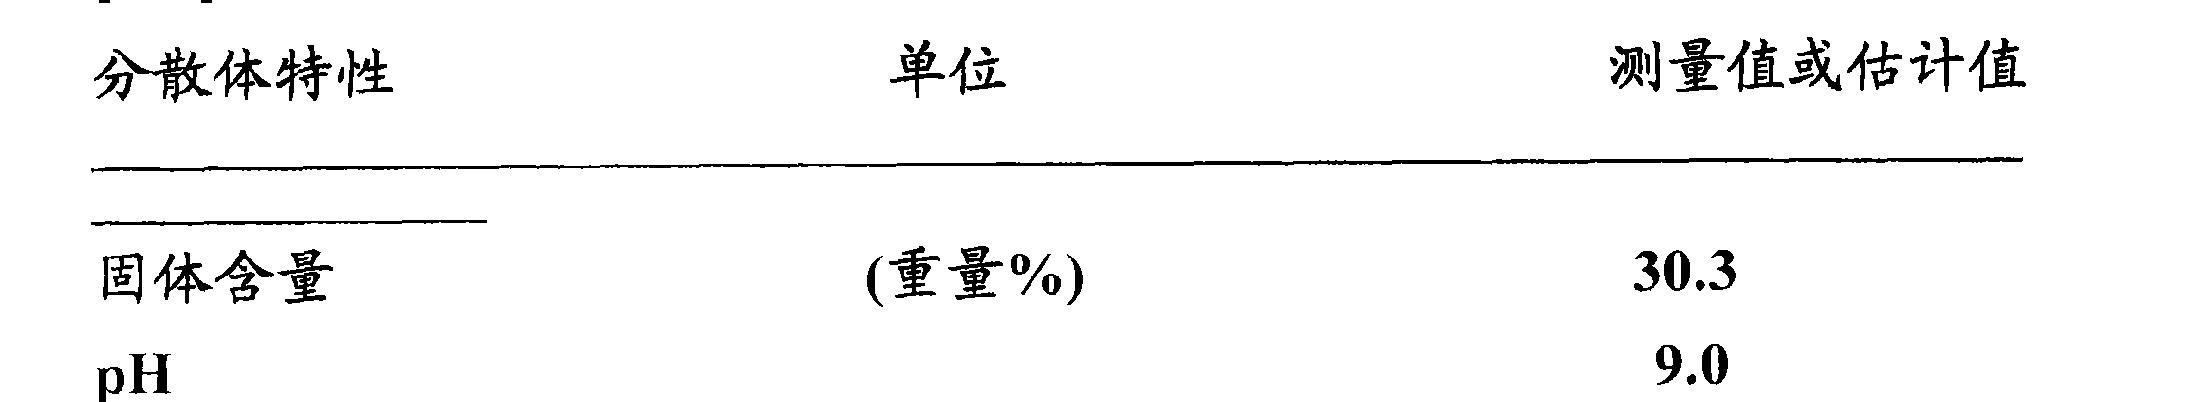 Figure CN101778870BD00272